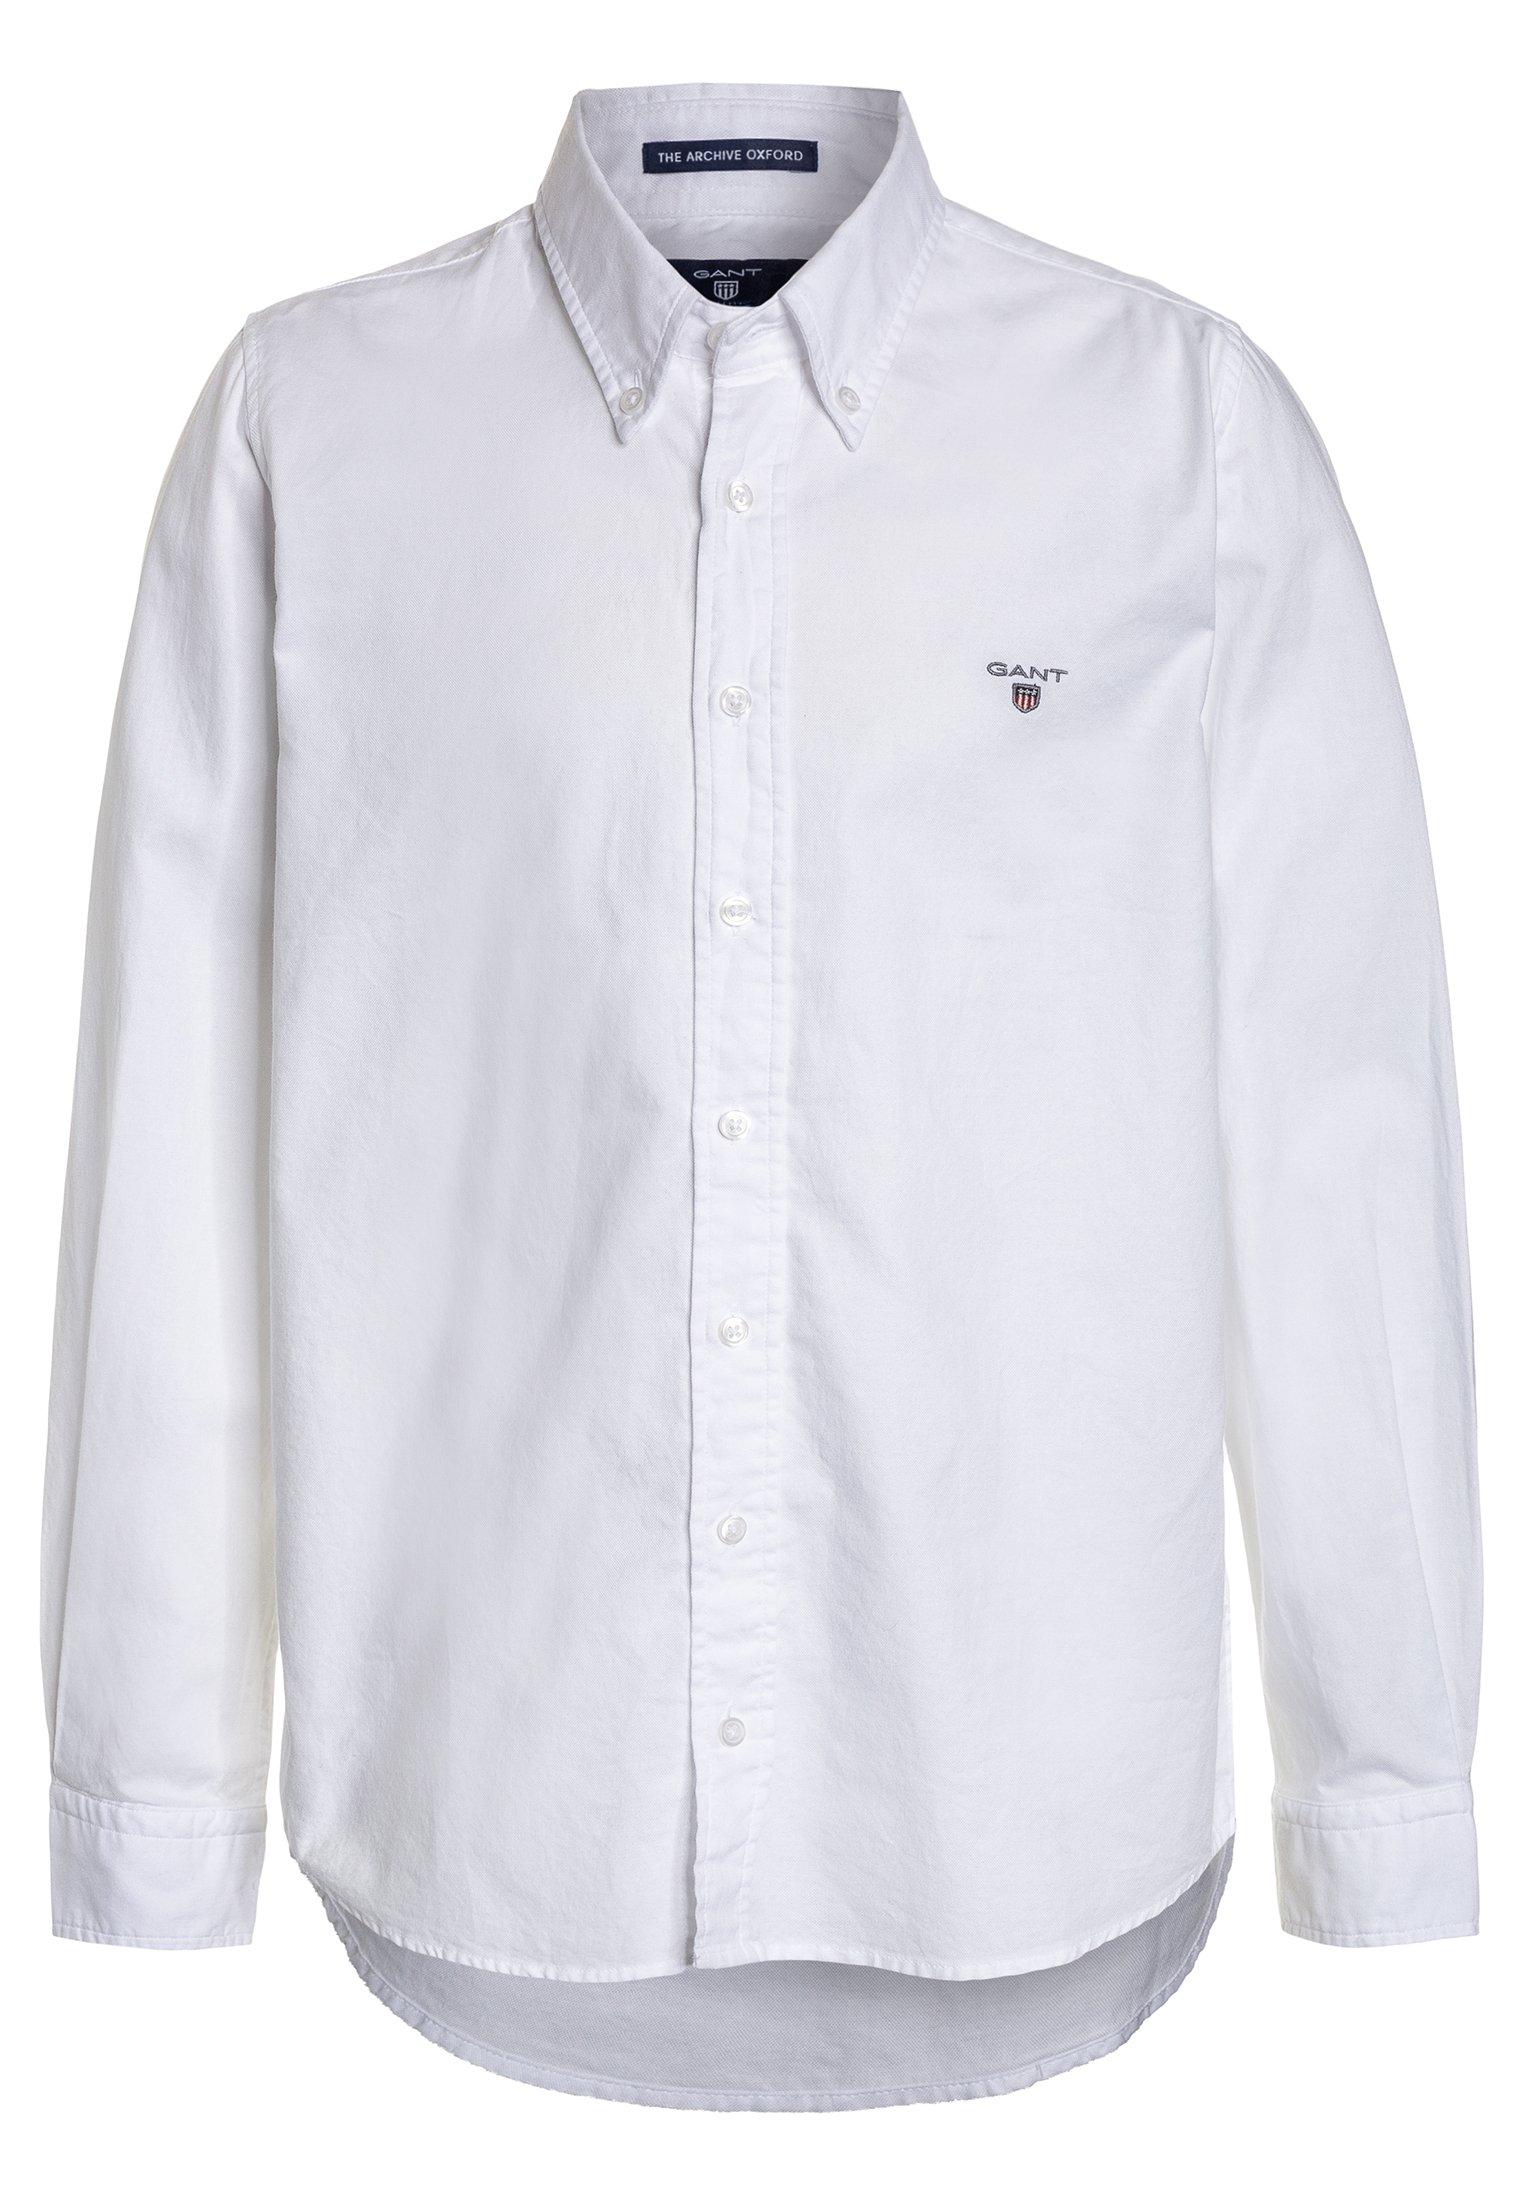 GANT THE OXFORD Skjorte white Zalando.no